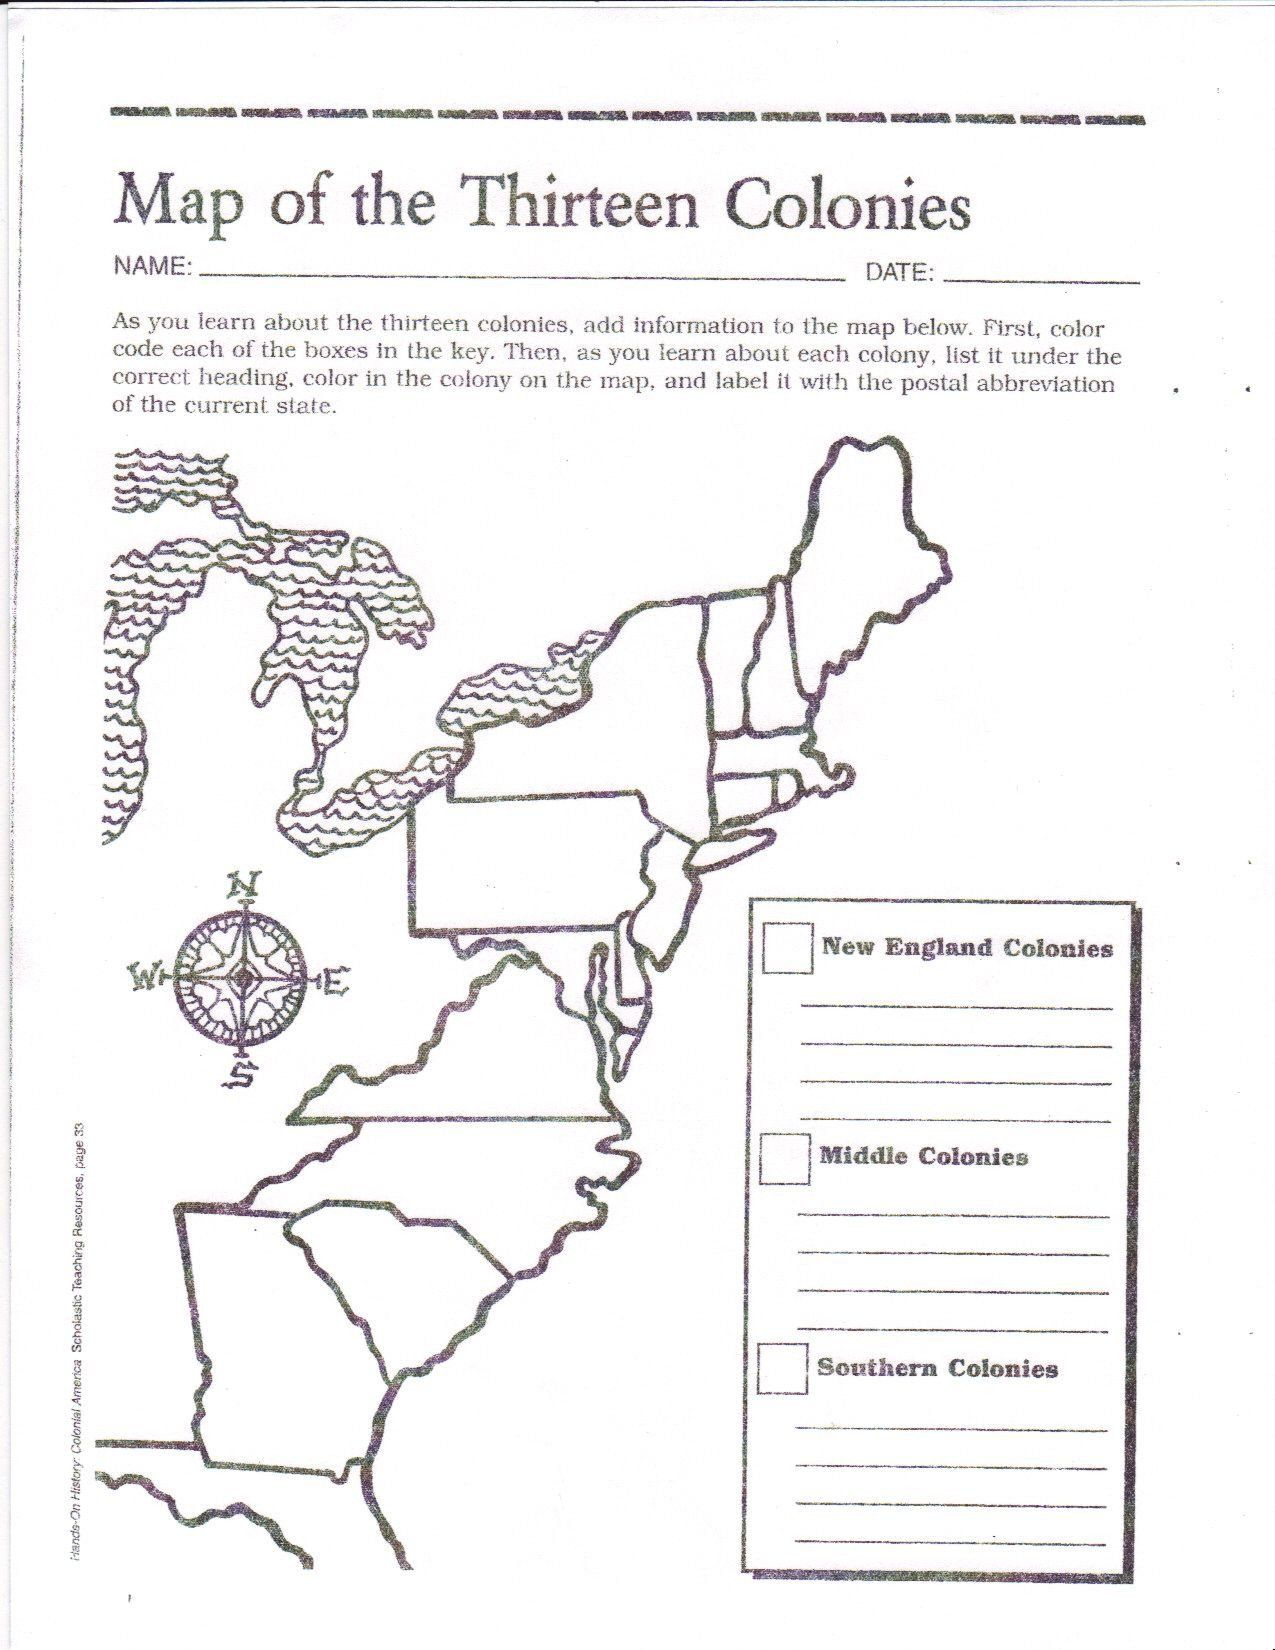 medium resolution of 13 Colonies Worksheet Pdf Blank Map Of the 13 original Colonies Google  Search   Social studies worksheets